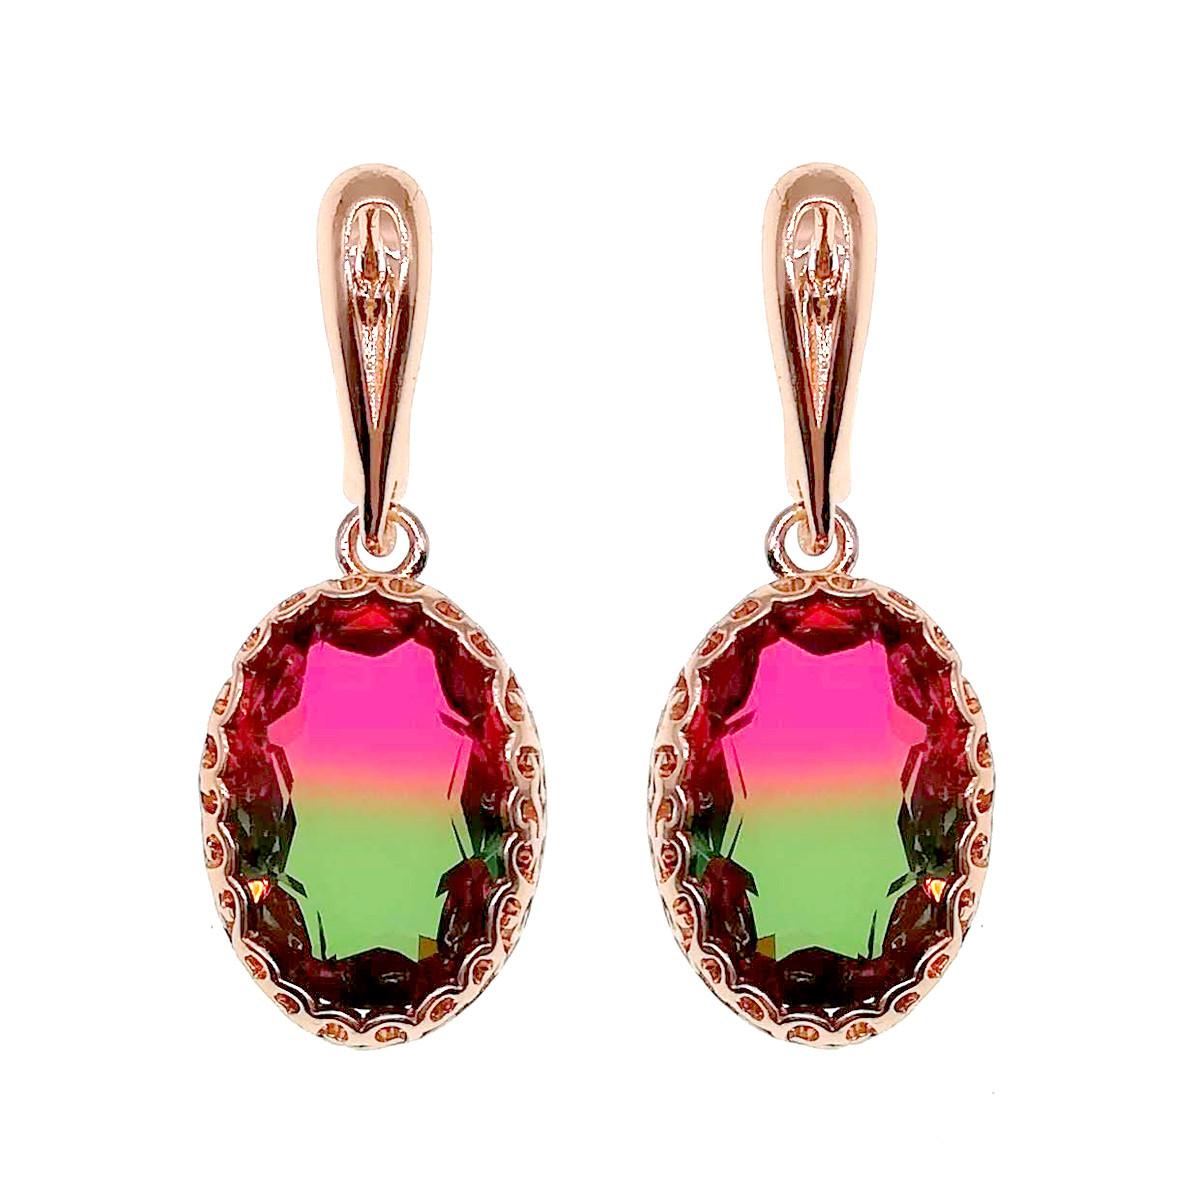 Серьги SONATA из медицинского золота, розово-зеленые фианиты, позолота PO, 24141                         (1)